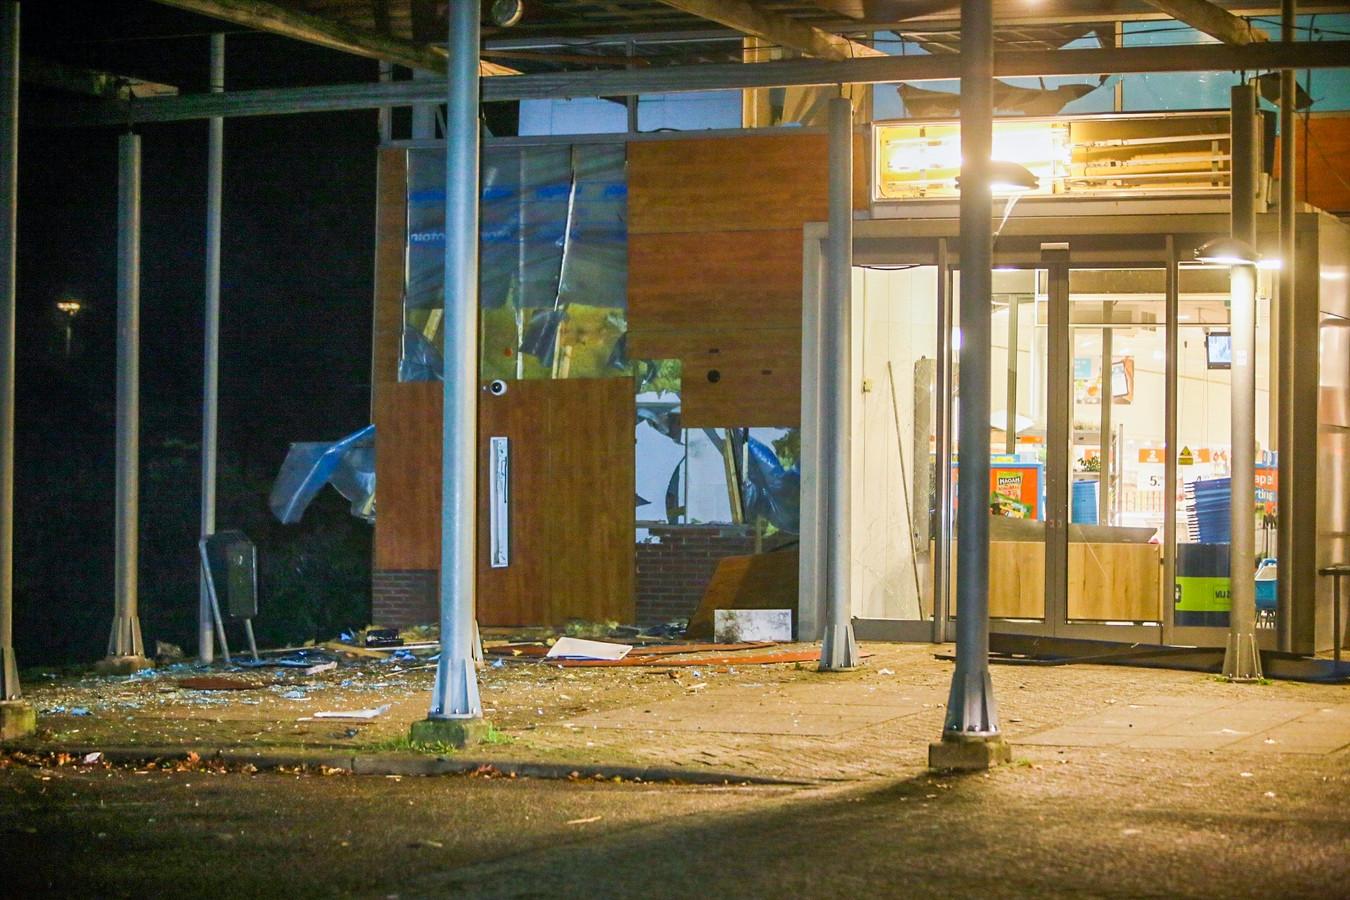 De schade na de plofkraak van de geldautomaat bij Albert Heijn in de Helmondse wijk Dierdonk.